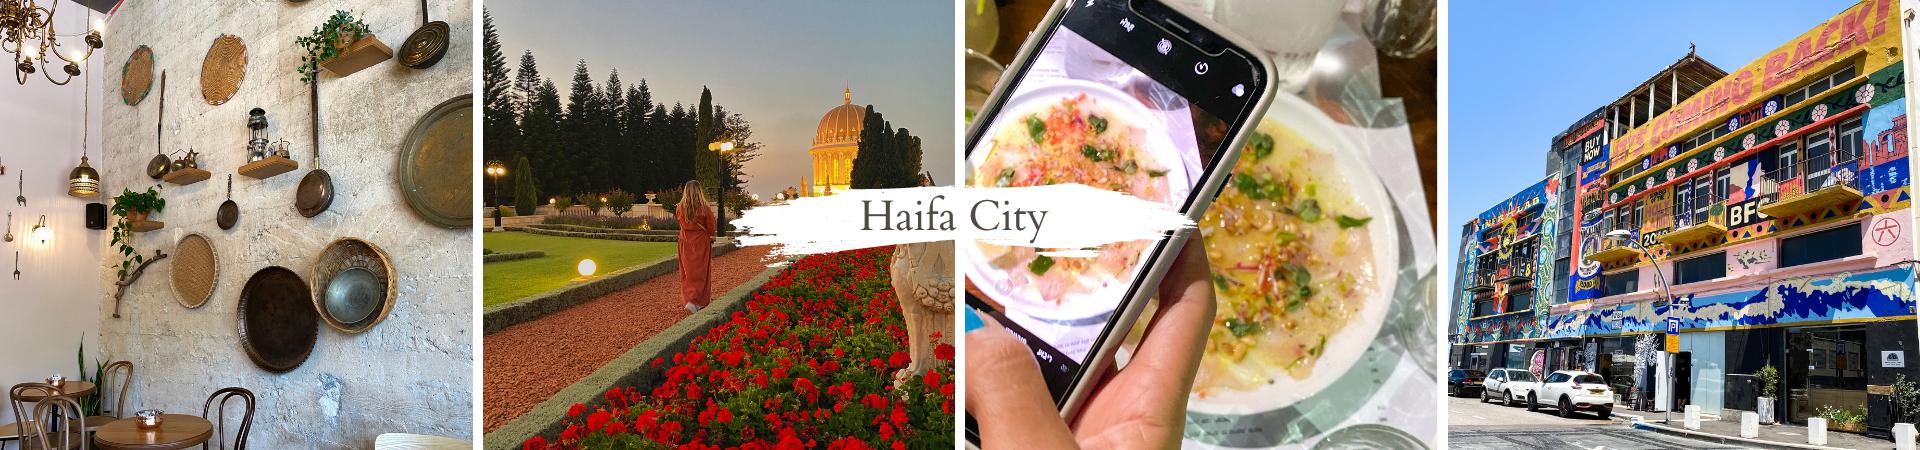 בלוג טיולים יום בחיפה